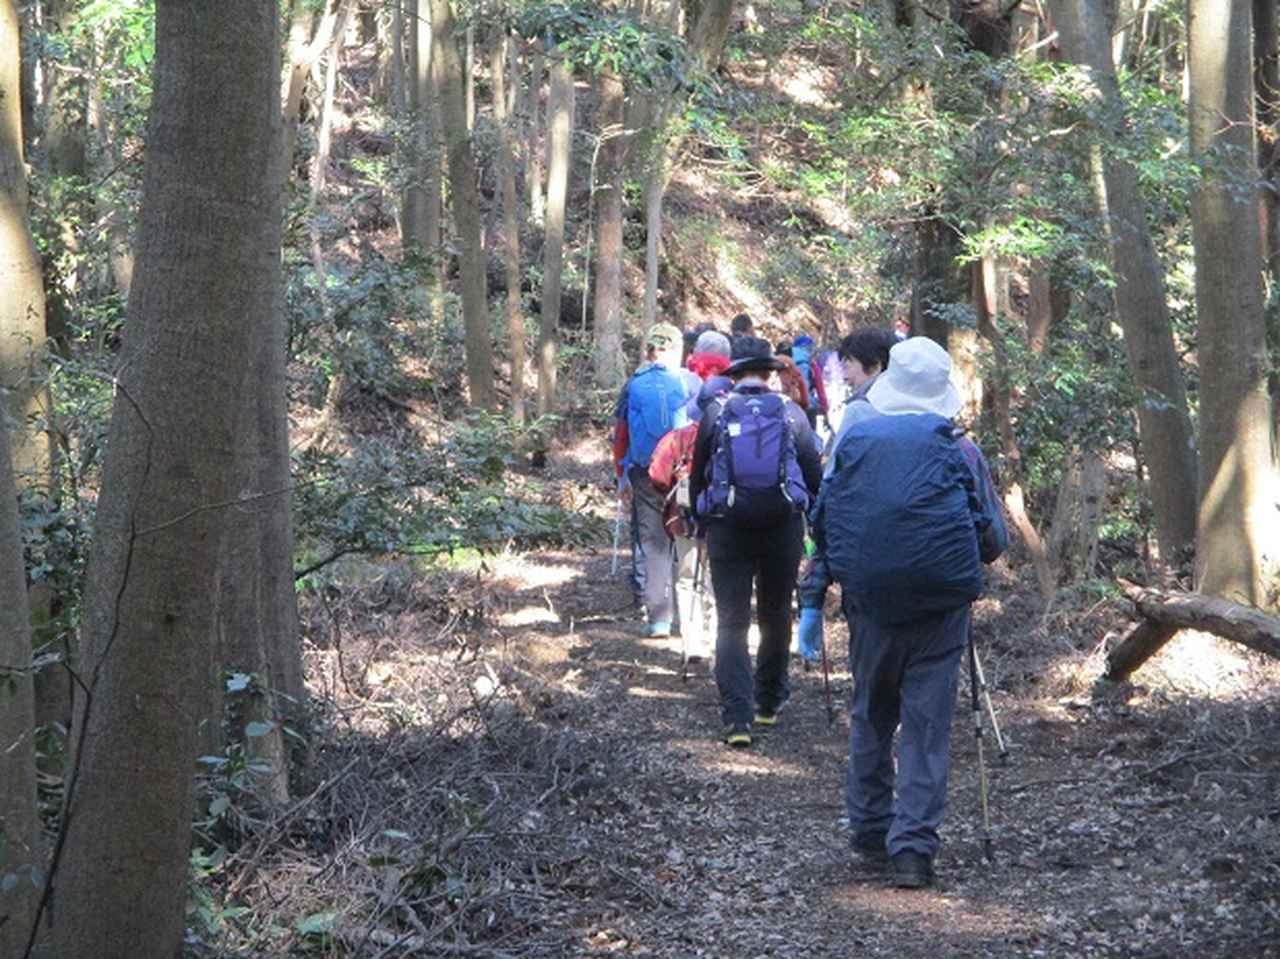 画像1: 2月1日に山旅会のツアーで 千葉山 にいってまいりました!